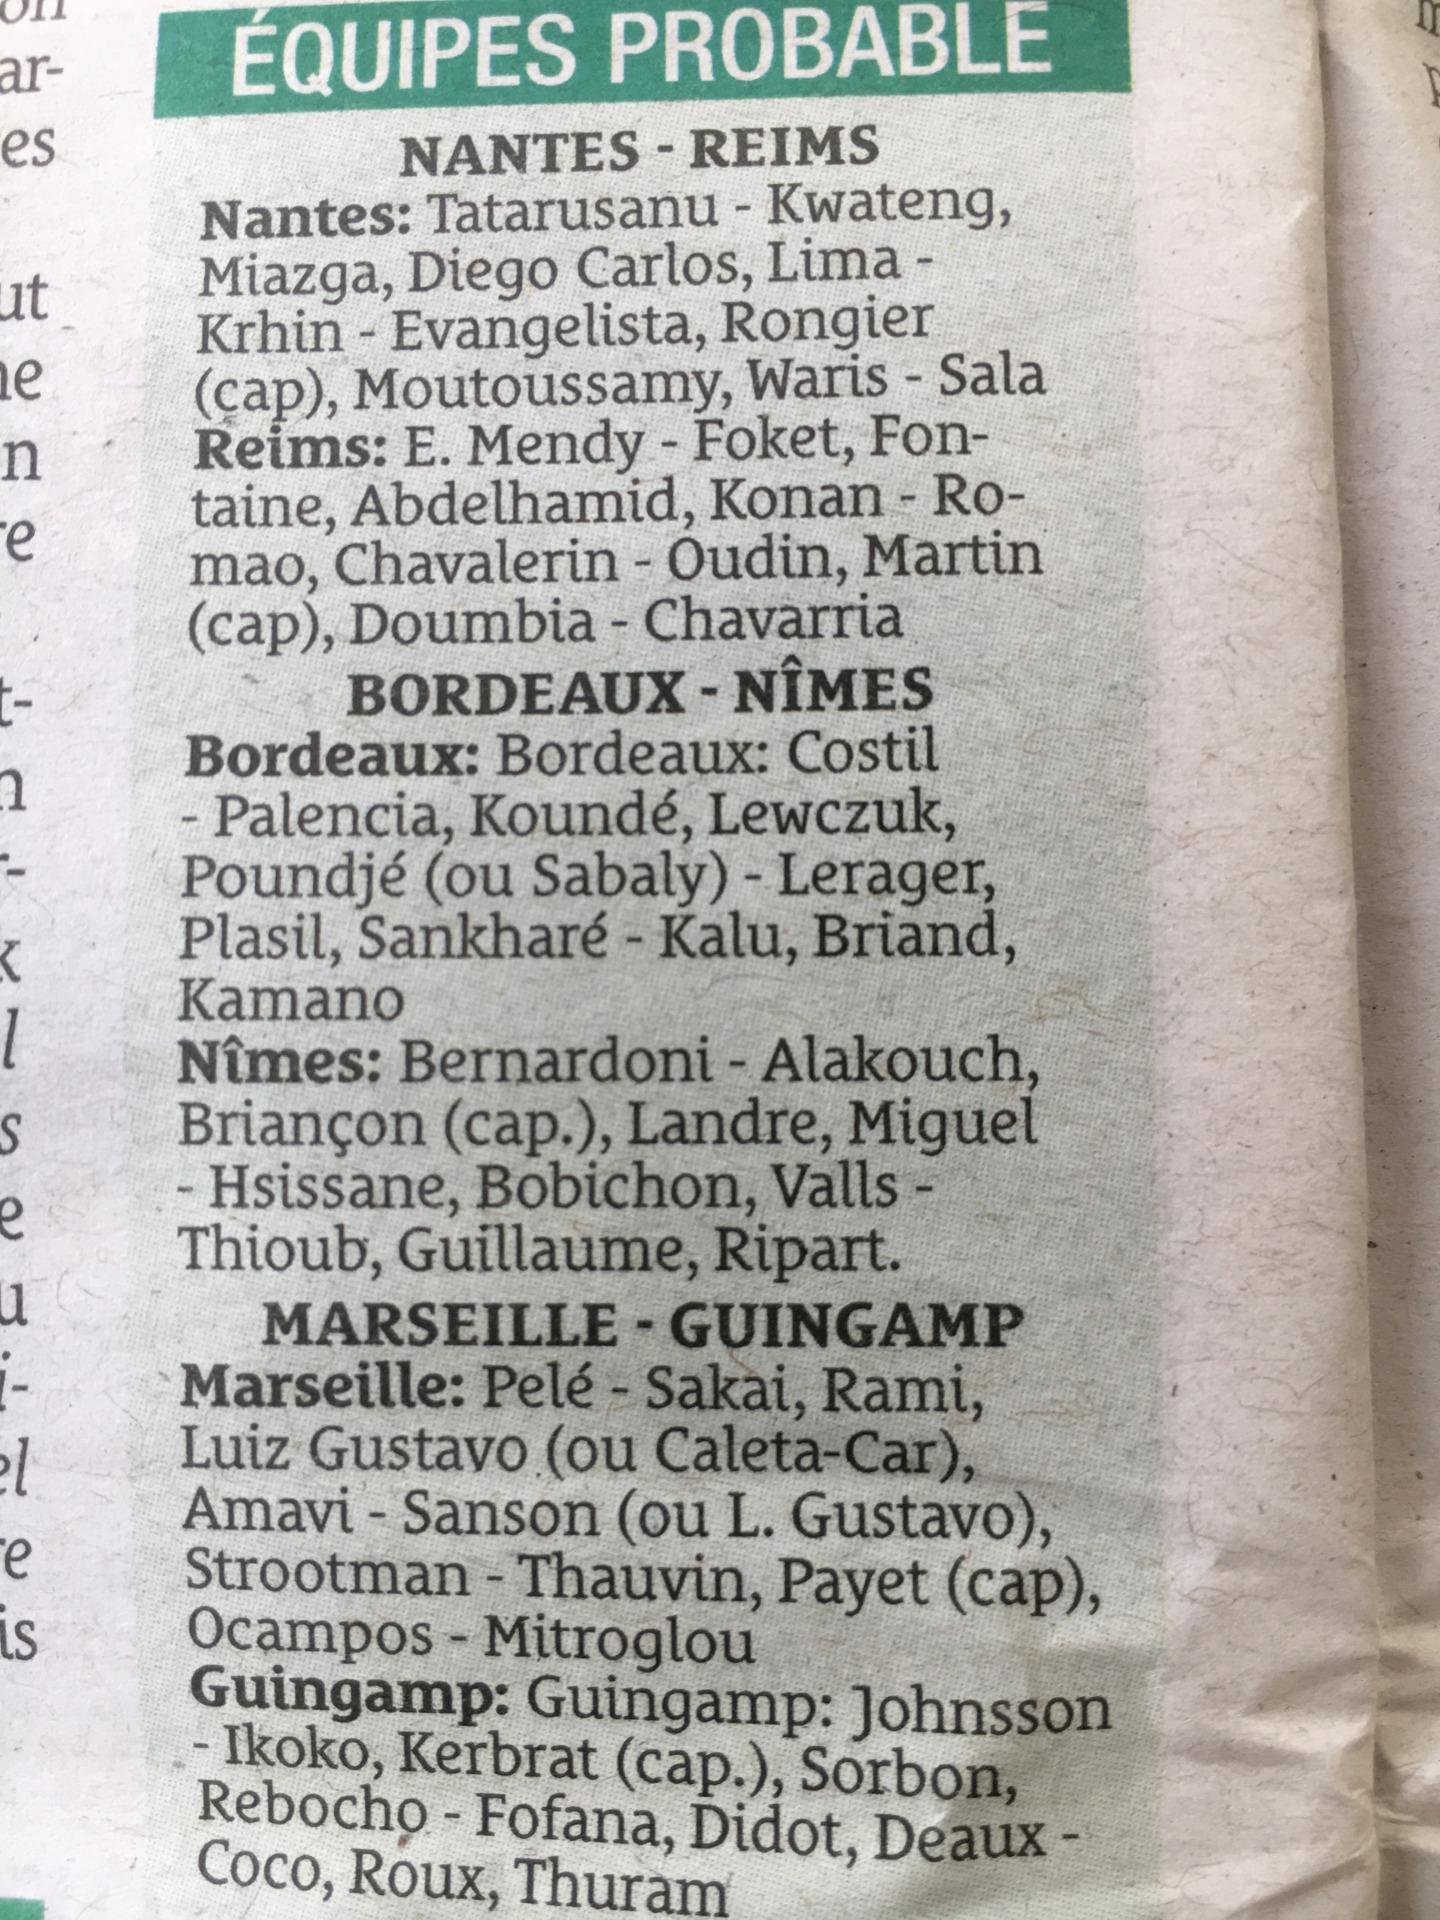 5EME JOURNÉE DE LIGUE 1 CONFORAMA : GIRONDINS DE BORDEAUX / NÎMES OLYMPIQUE  - Page 2 Img_7841